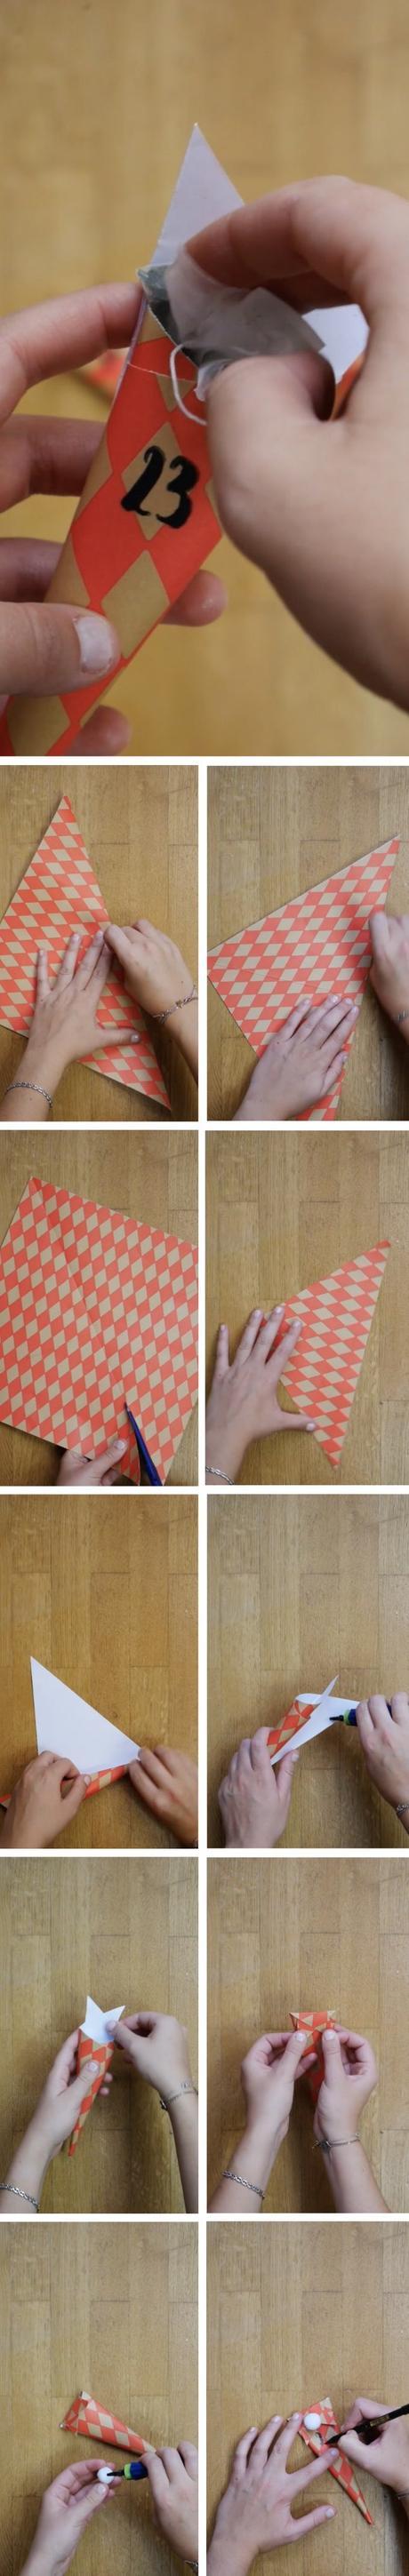 calendrier avent diy cônes cadeaux lutin pompons blog déco clem around the corner